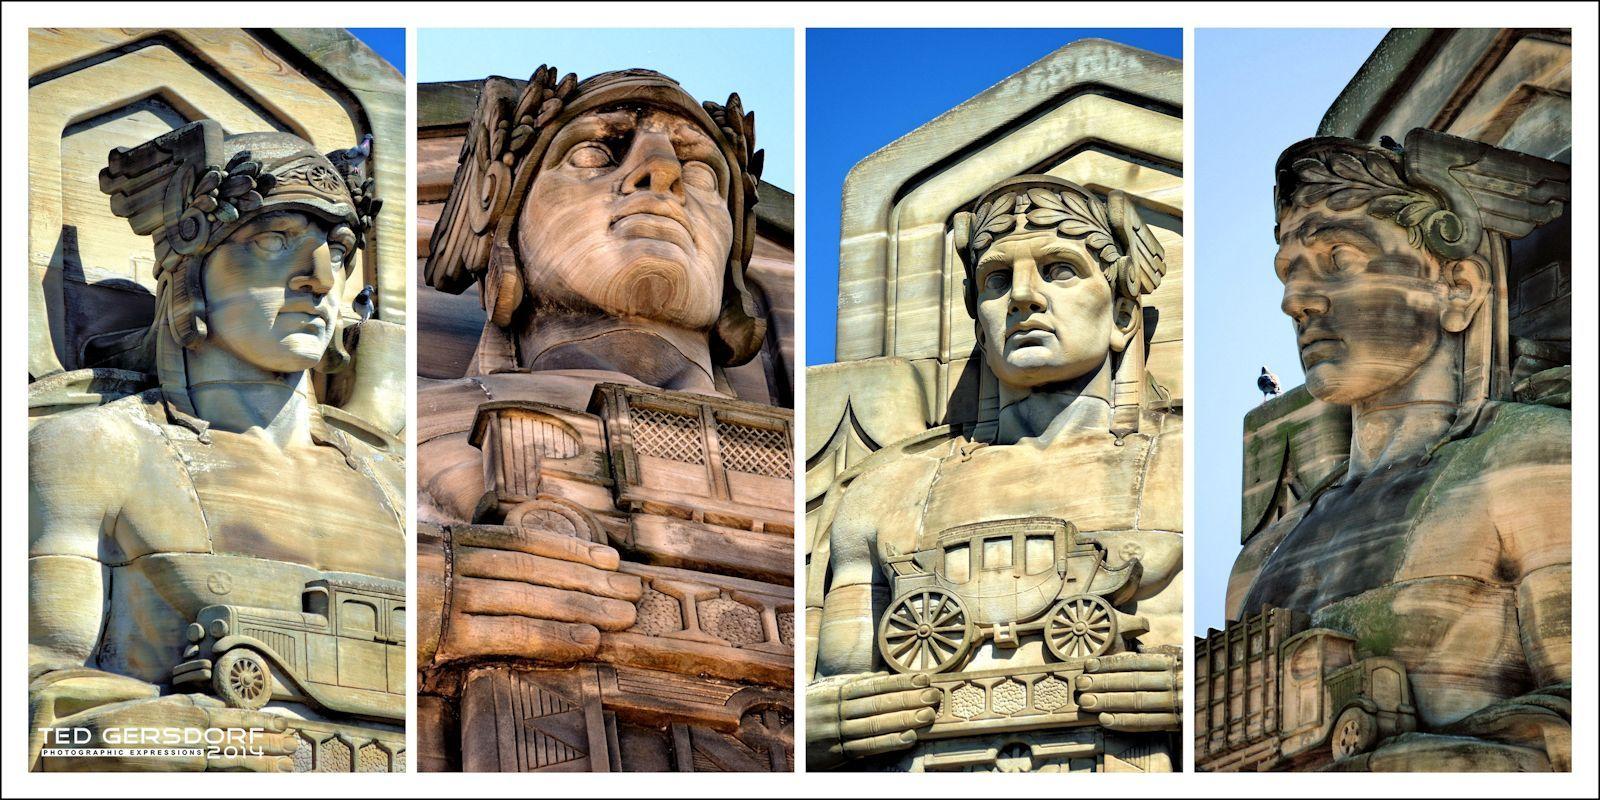 The Four Guardians Of Transportation Art Deco Statue Art Deco Architecture Art Deco Period